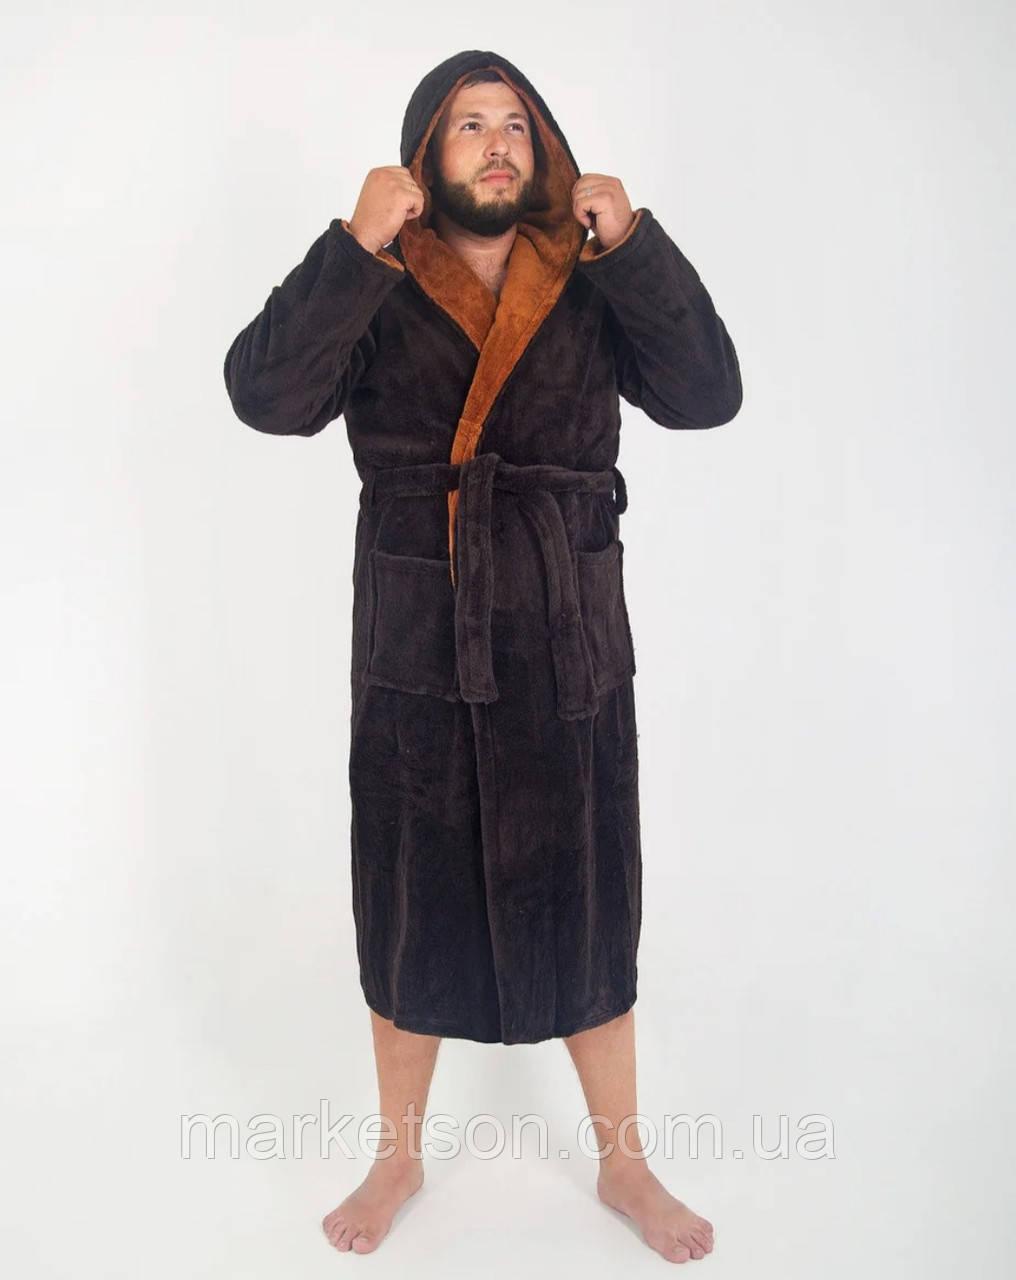 Мужской махровый халат с капюшоном р.48-56.Много размеров и цветов.